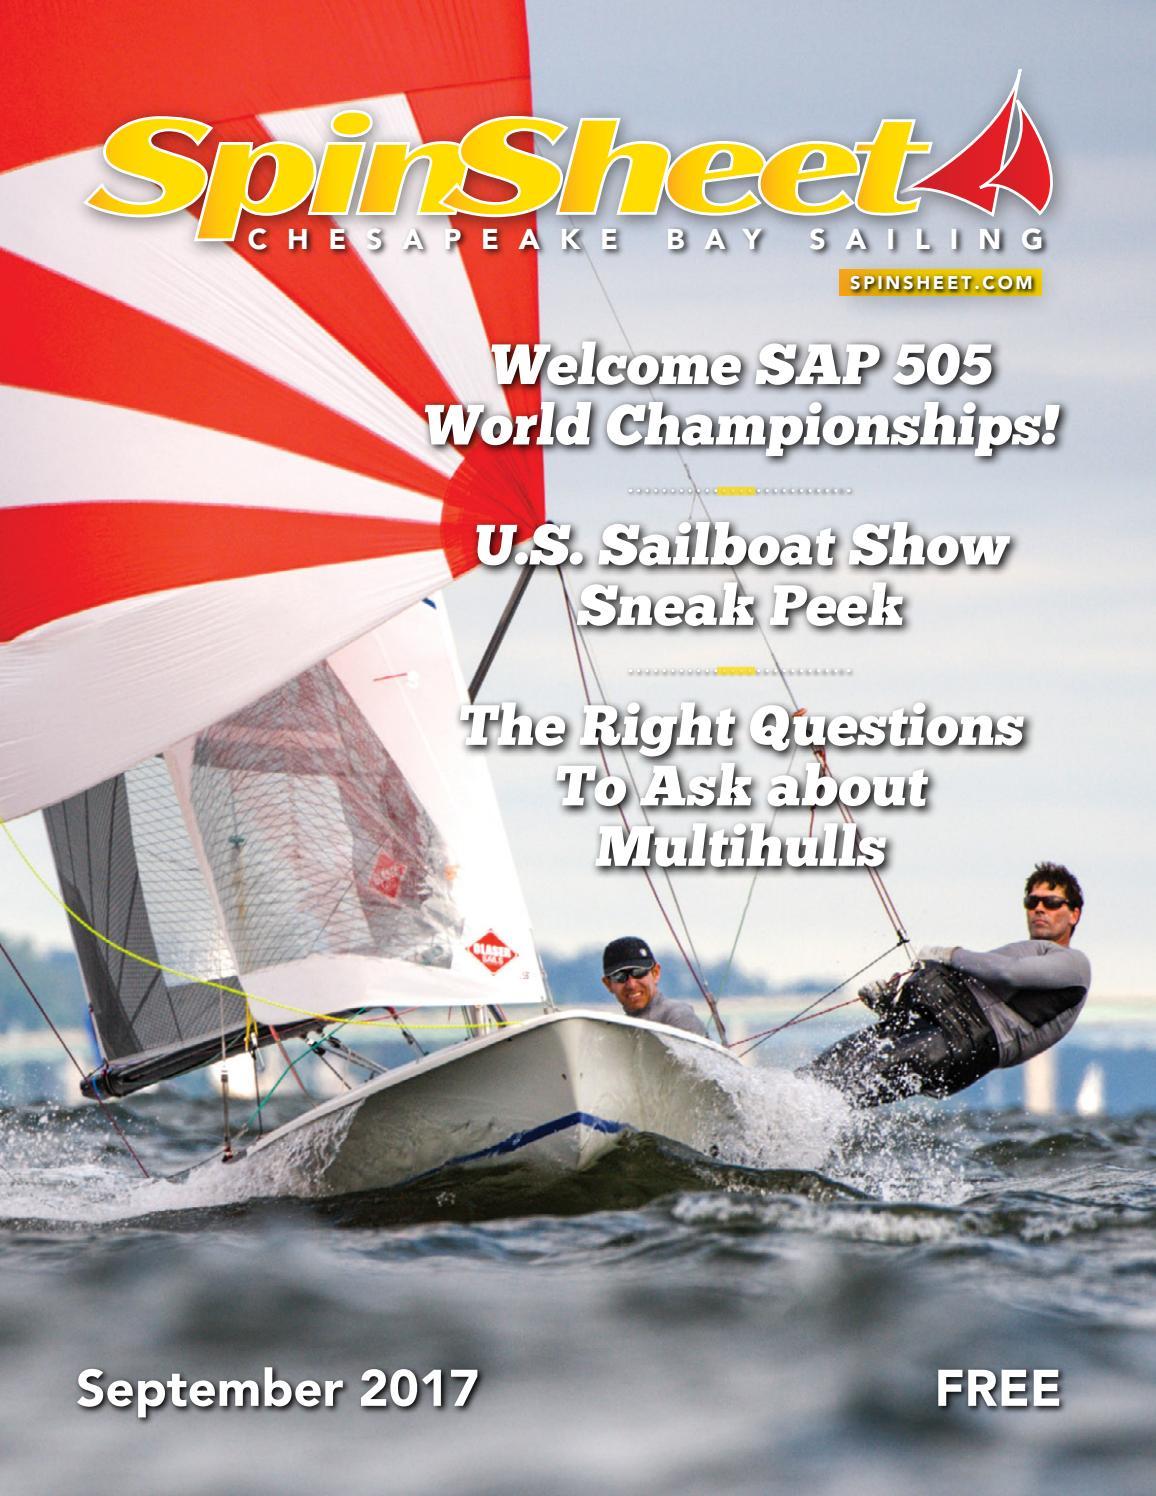 spinsheet magazine september 2017 by spinsheet publishing companyspinsheet magazine september 2017 by spinsheet publishing company issuu